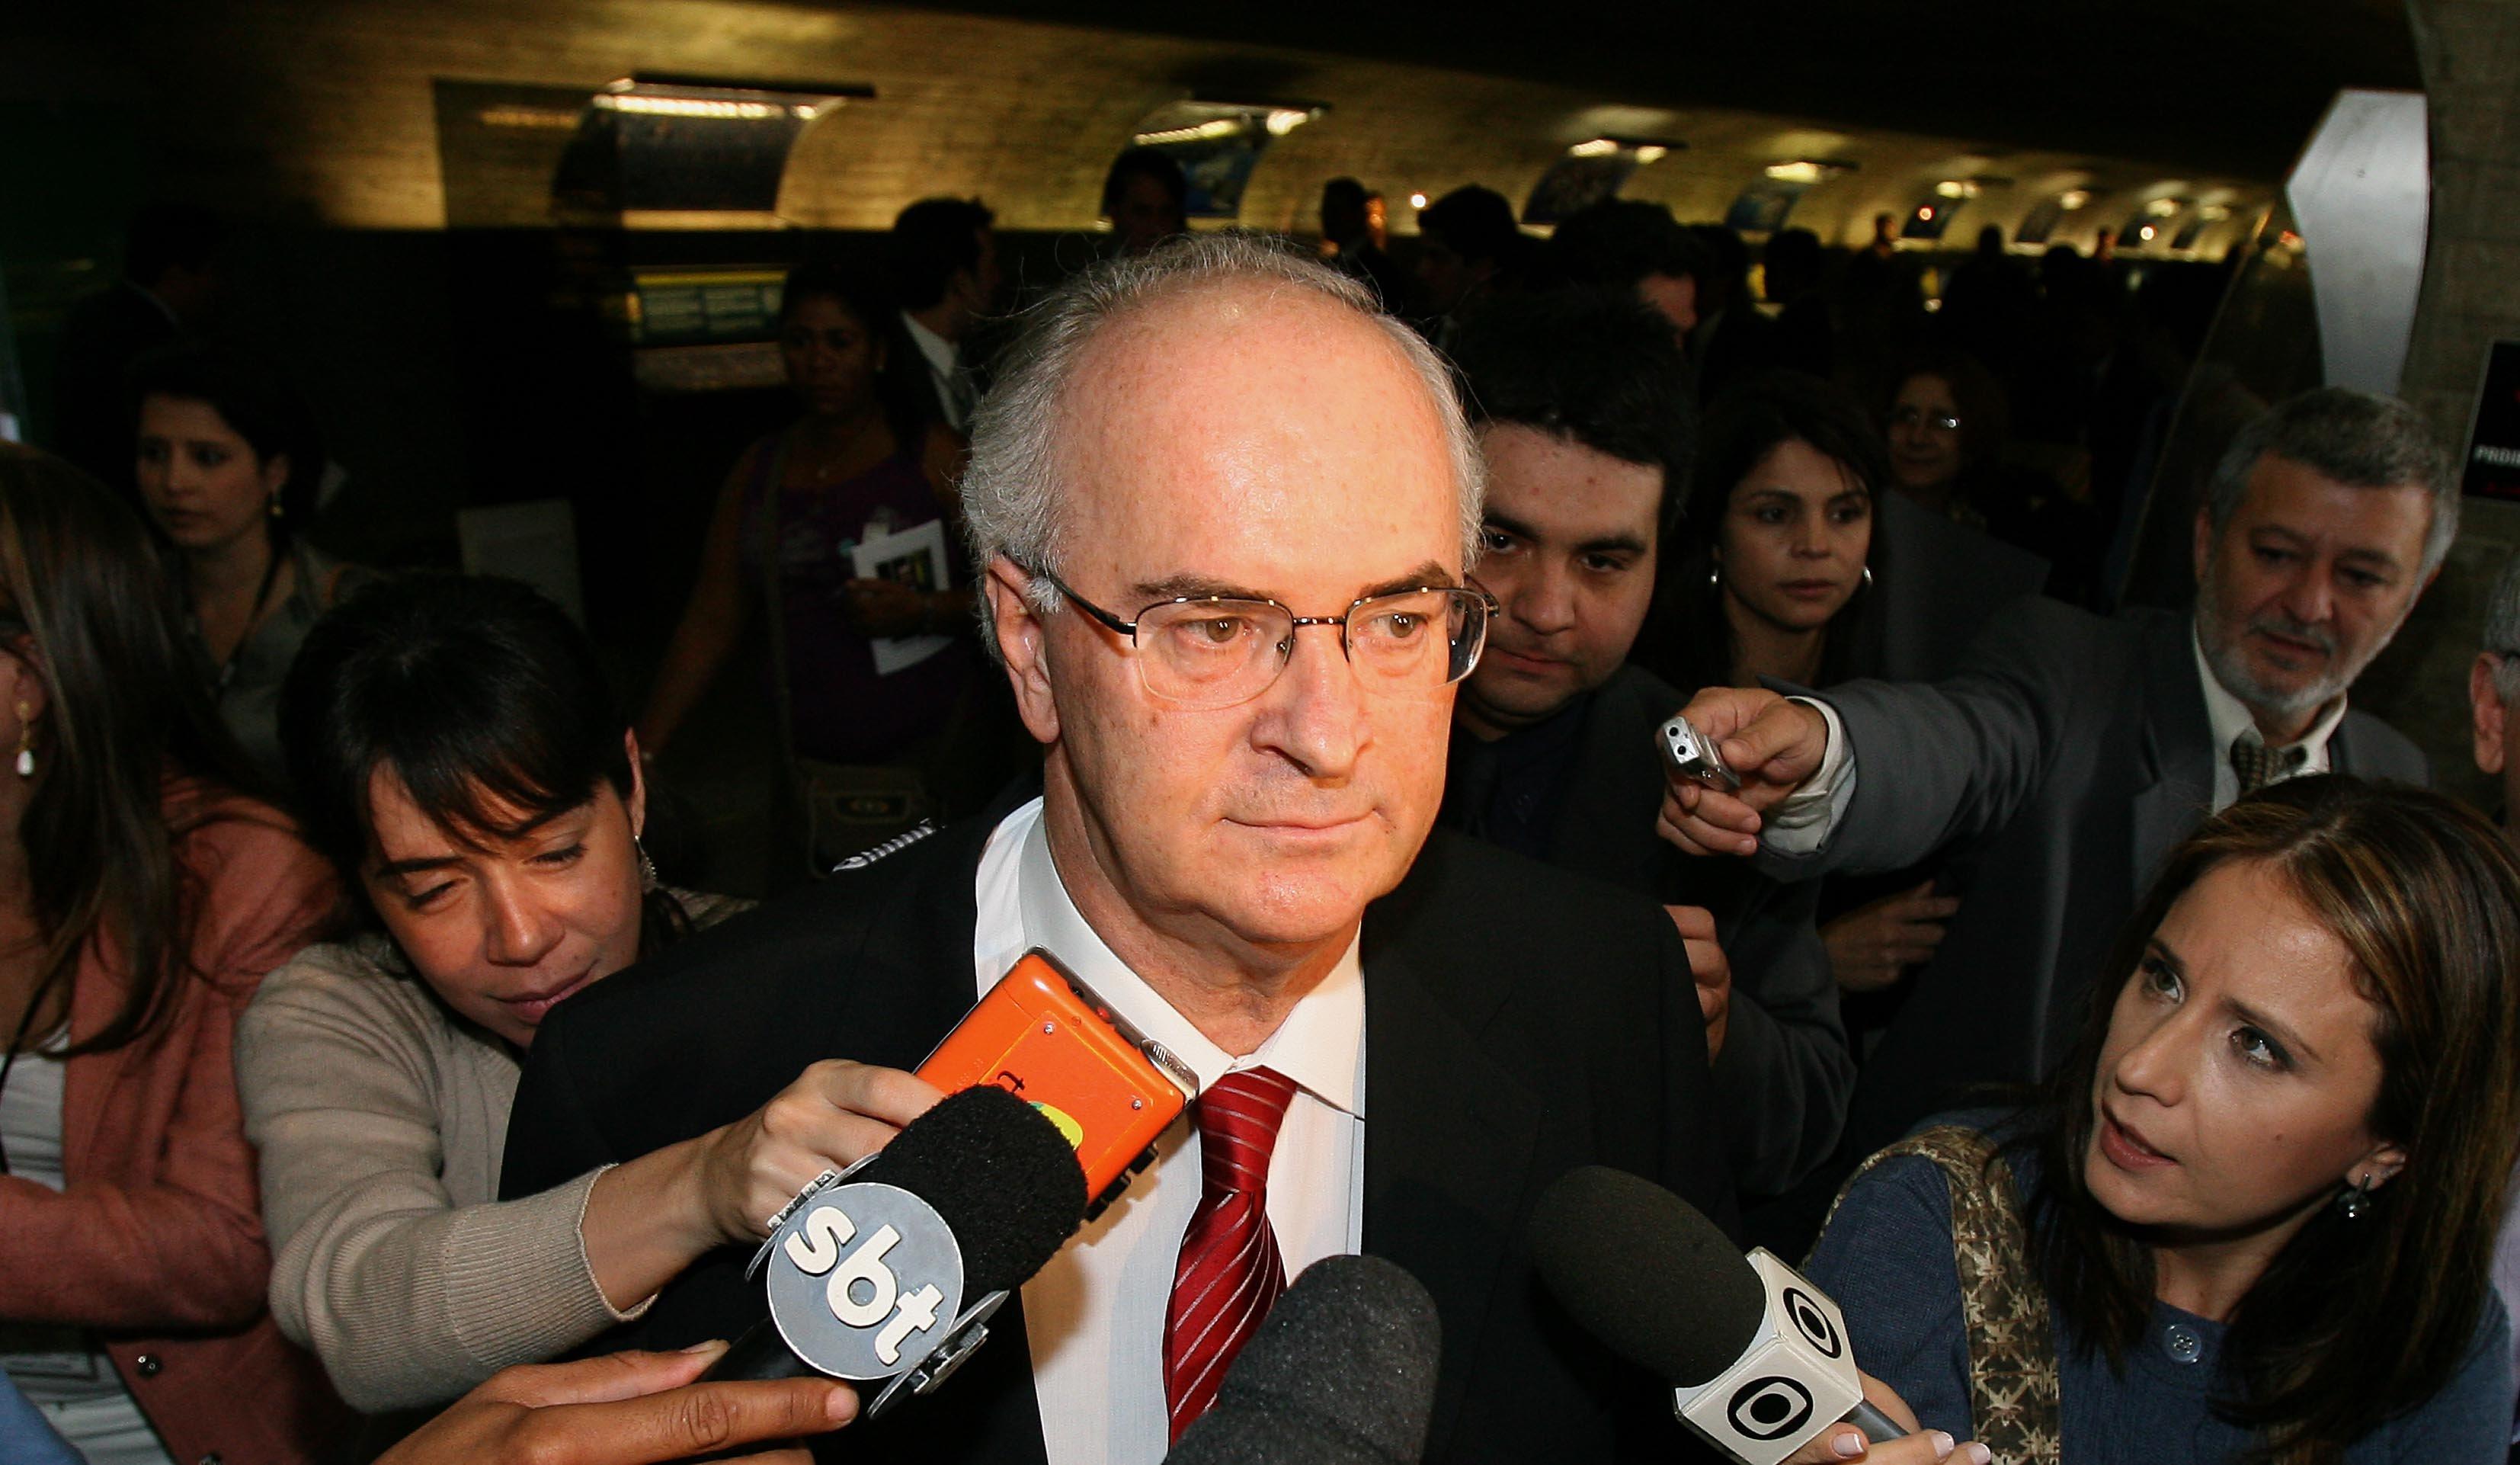 IMAGEM: Diniz diz que foi 'de comprador a mercadoria' com contratação de advogado de Lula